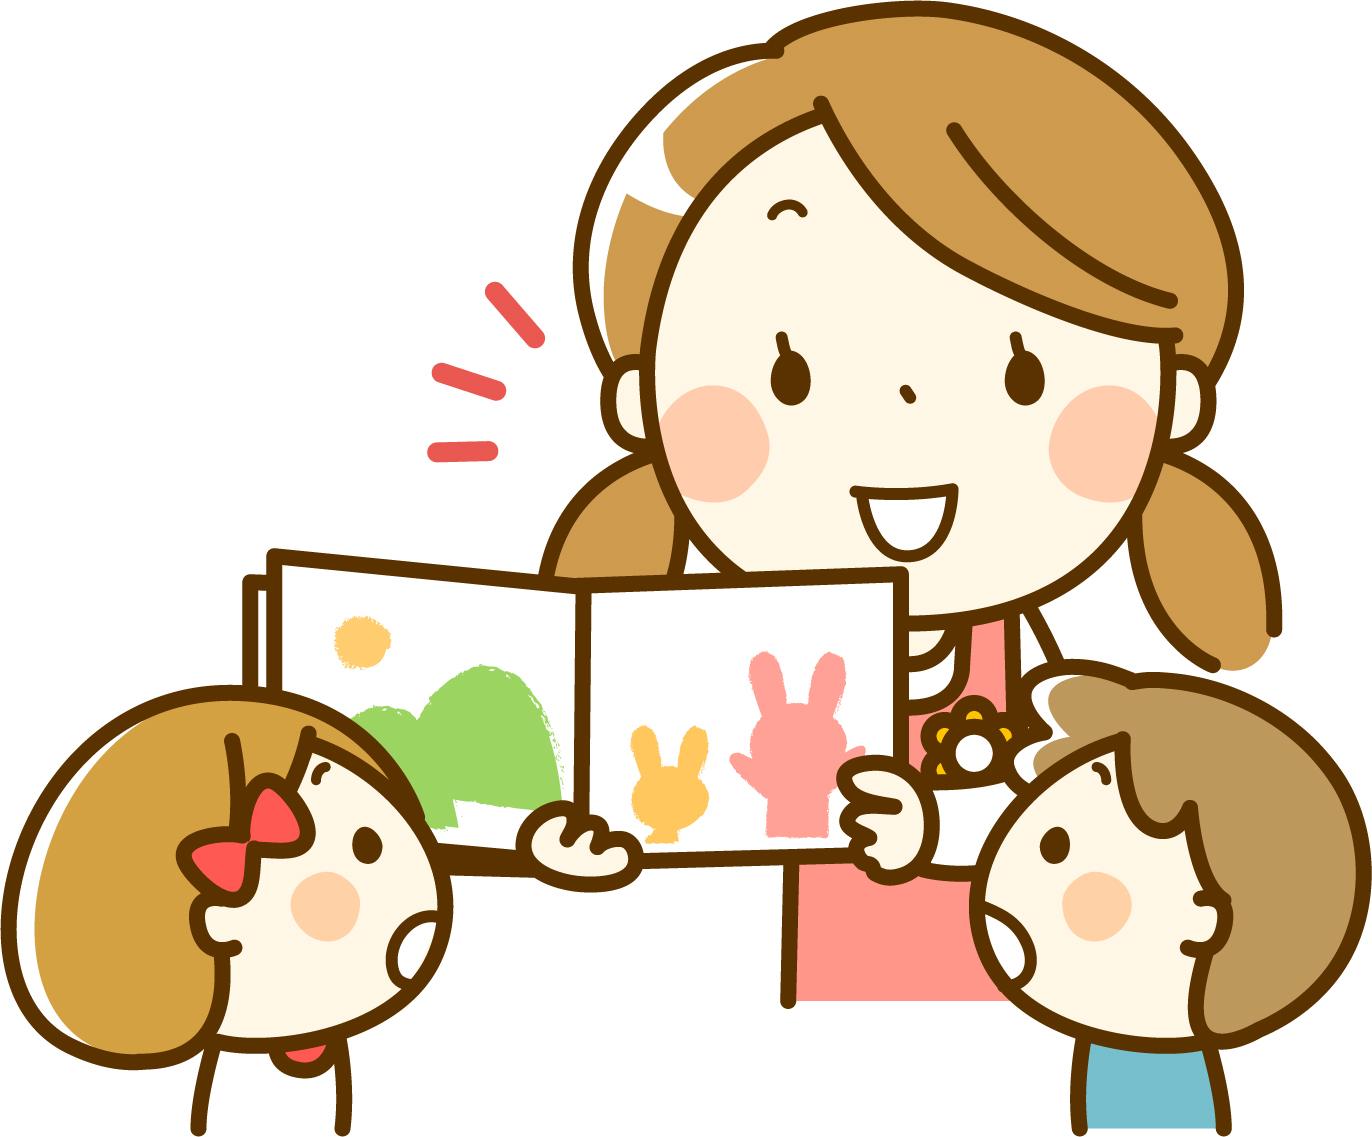 保育士不足は「幼稚園や小学校の先生」の活用で解消できる? 「福祉と教育は違うのに」との声も